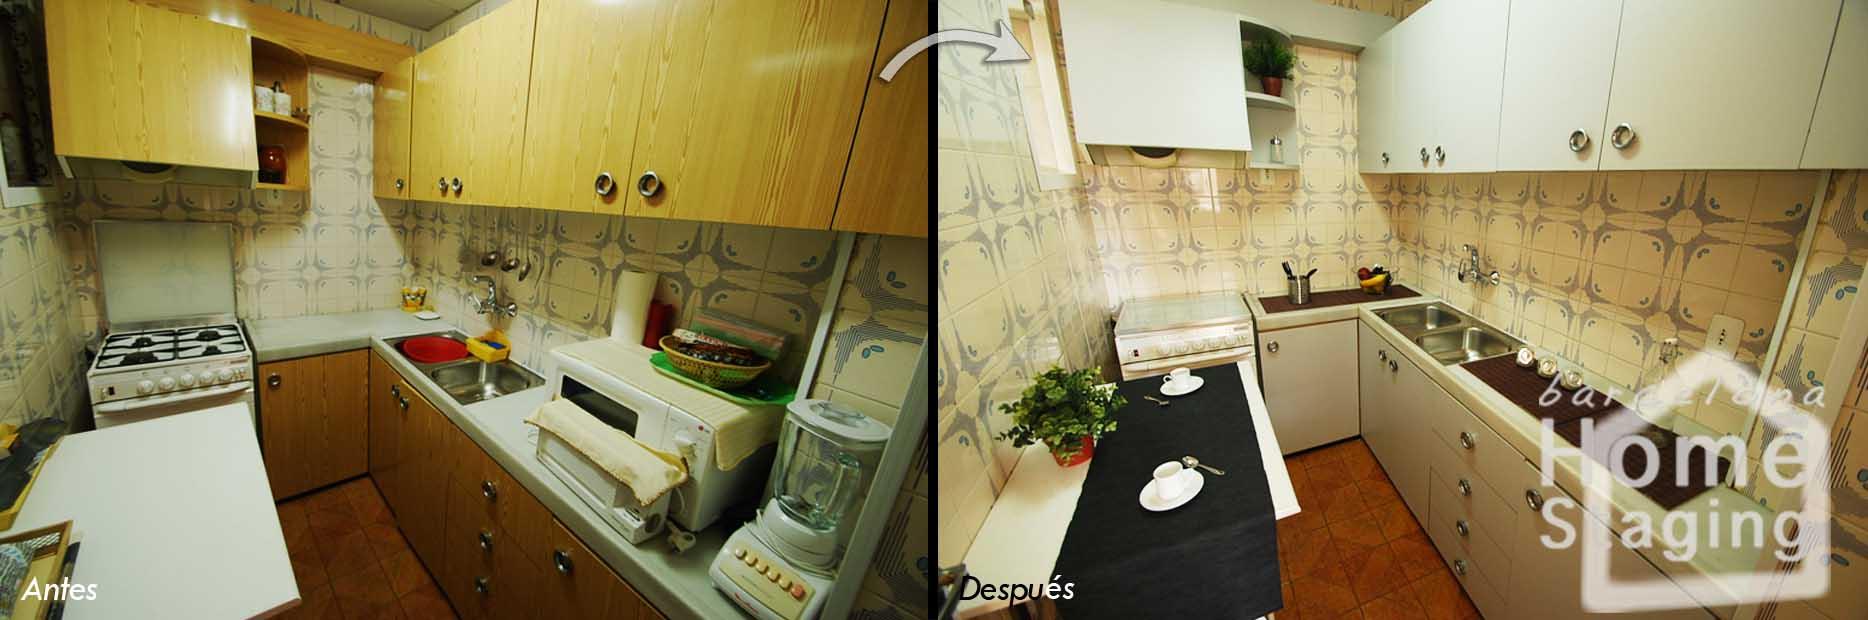 12 1 ejemplos de c mo mejorar la decoraci n de una casa - Barcelona home staging ...